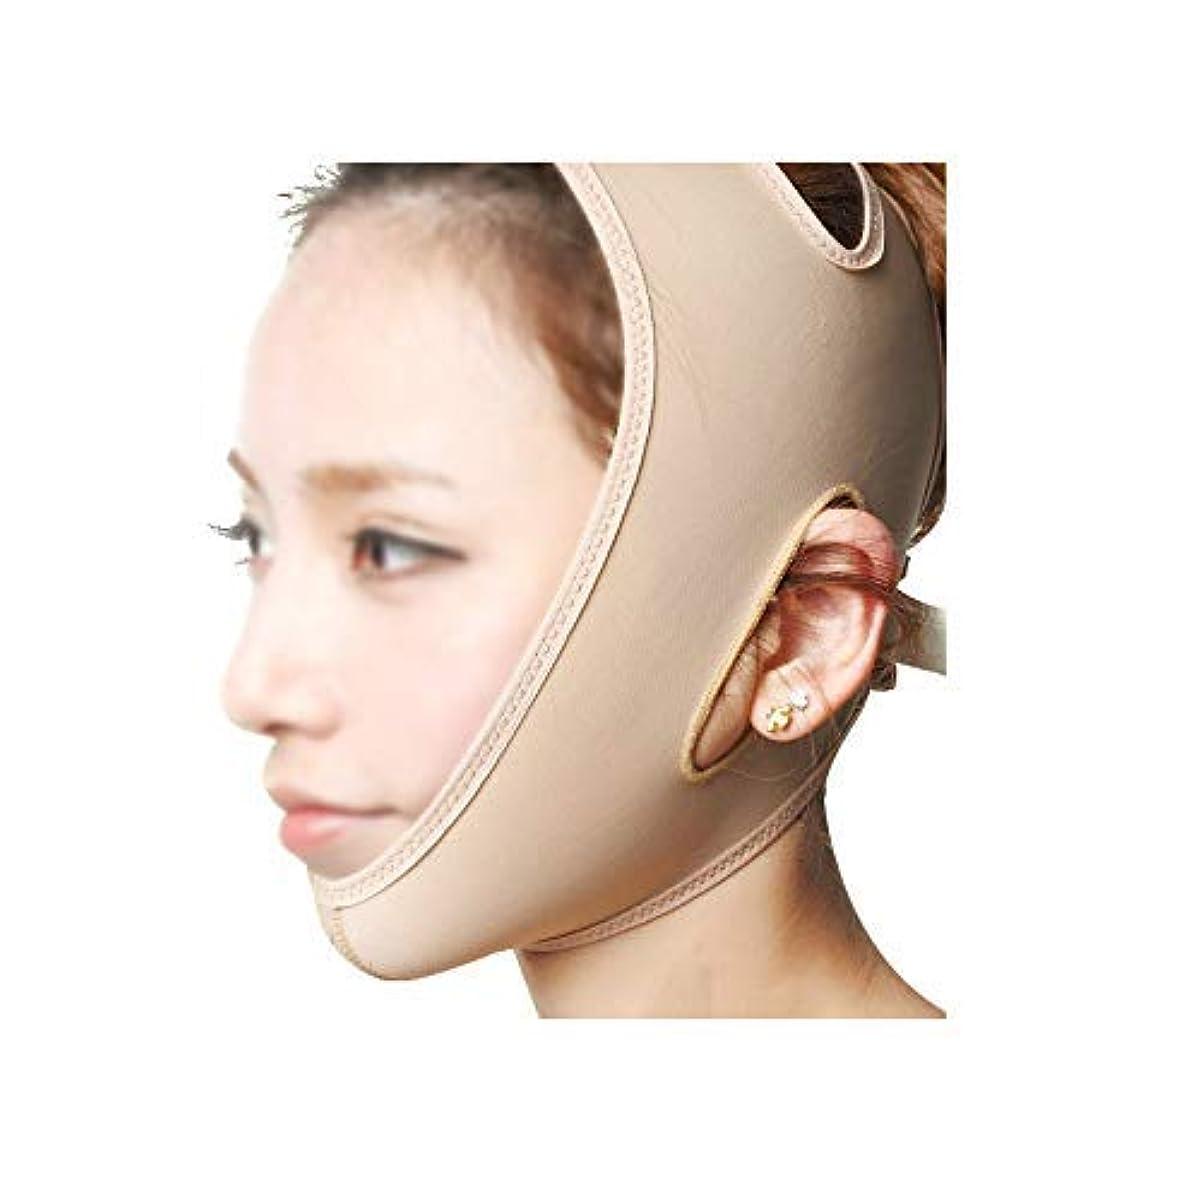 アルネ弾薬盆地フェイスリフティングバンデージ、フェイスマスク3Dパネルデザイン、通気性のある非通気性、高弾性ライクラ生地フィジカルVフェイス、美しい顔の輪郭を作成(サイズ:S)